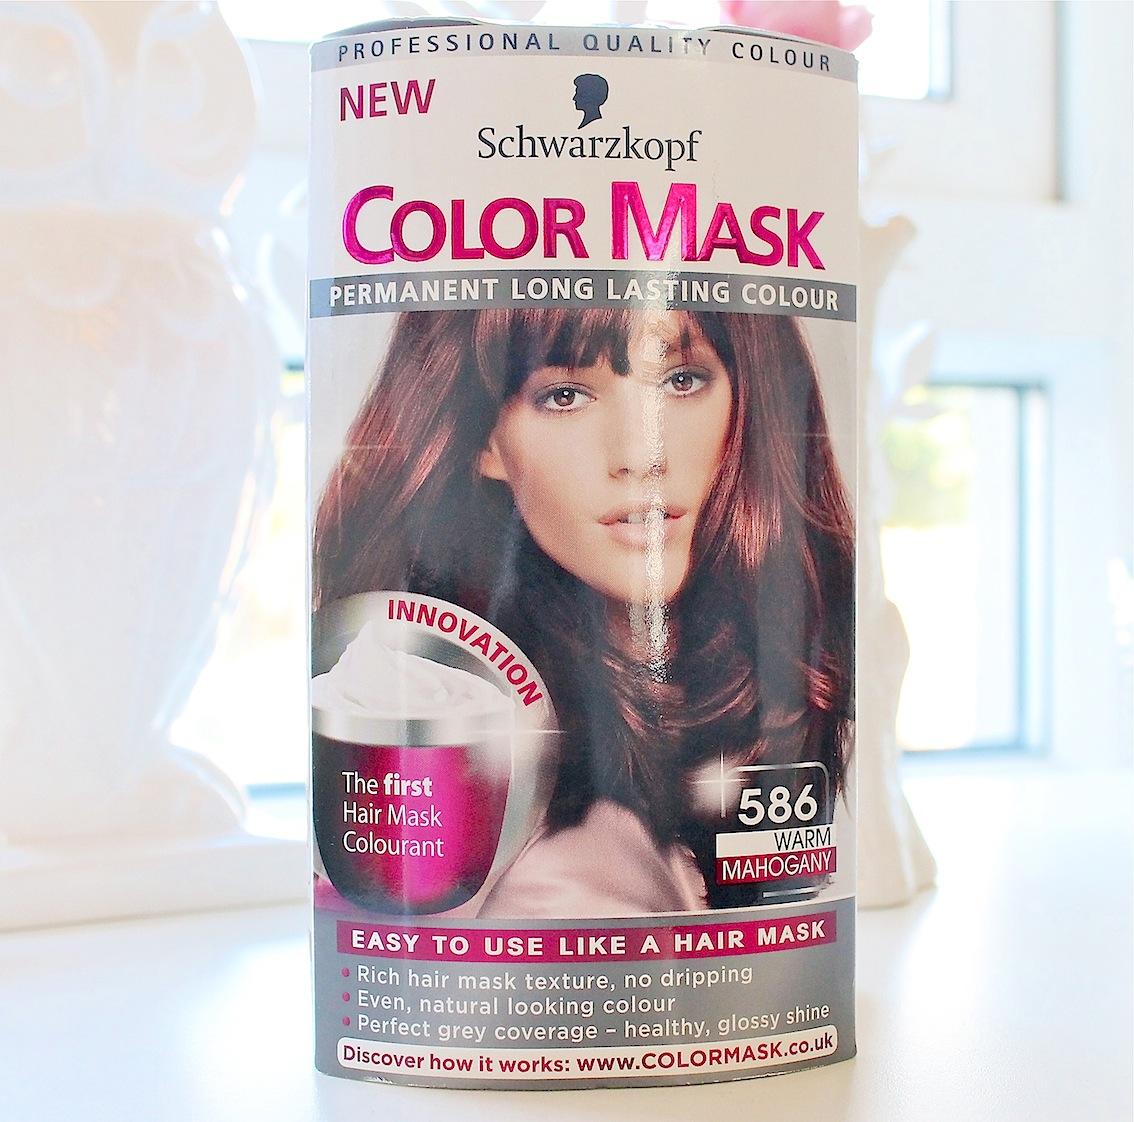 Schwarzkopf Color Mask in Warm Mahogany 586